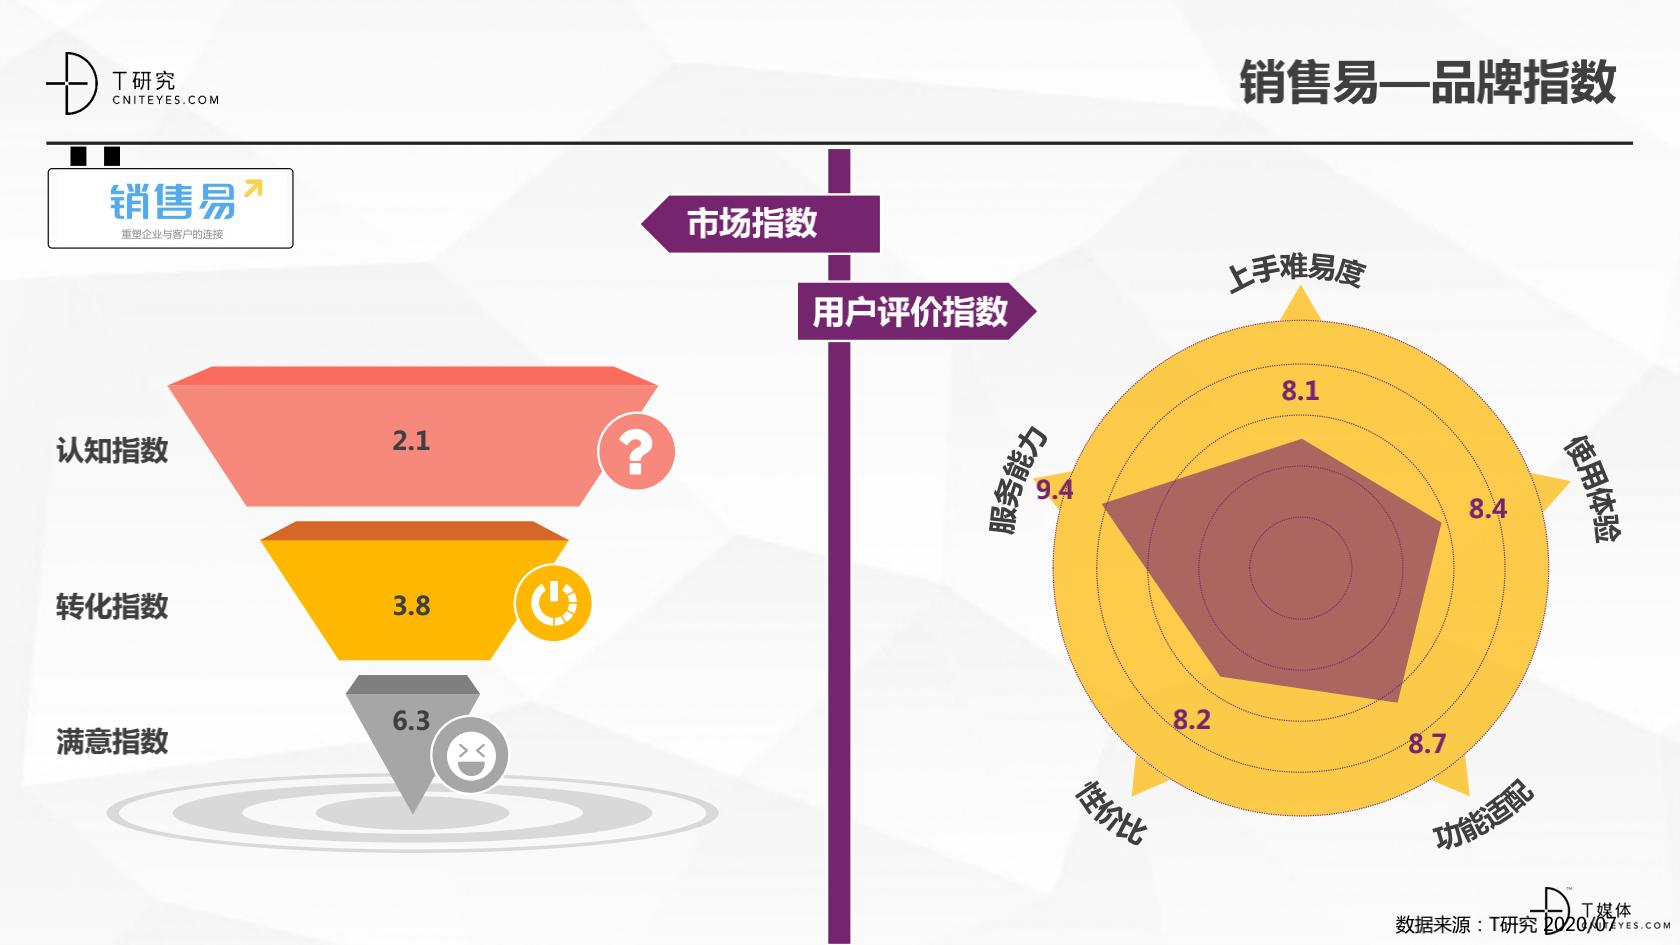 2_2020中国CRM指数测评报告v1.5_24.png